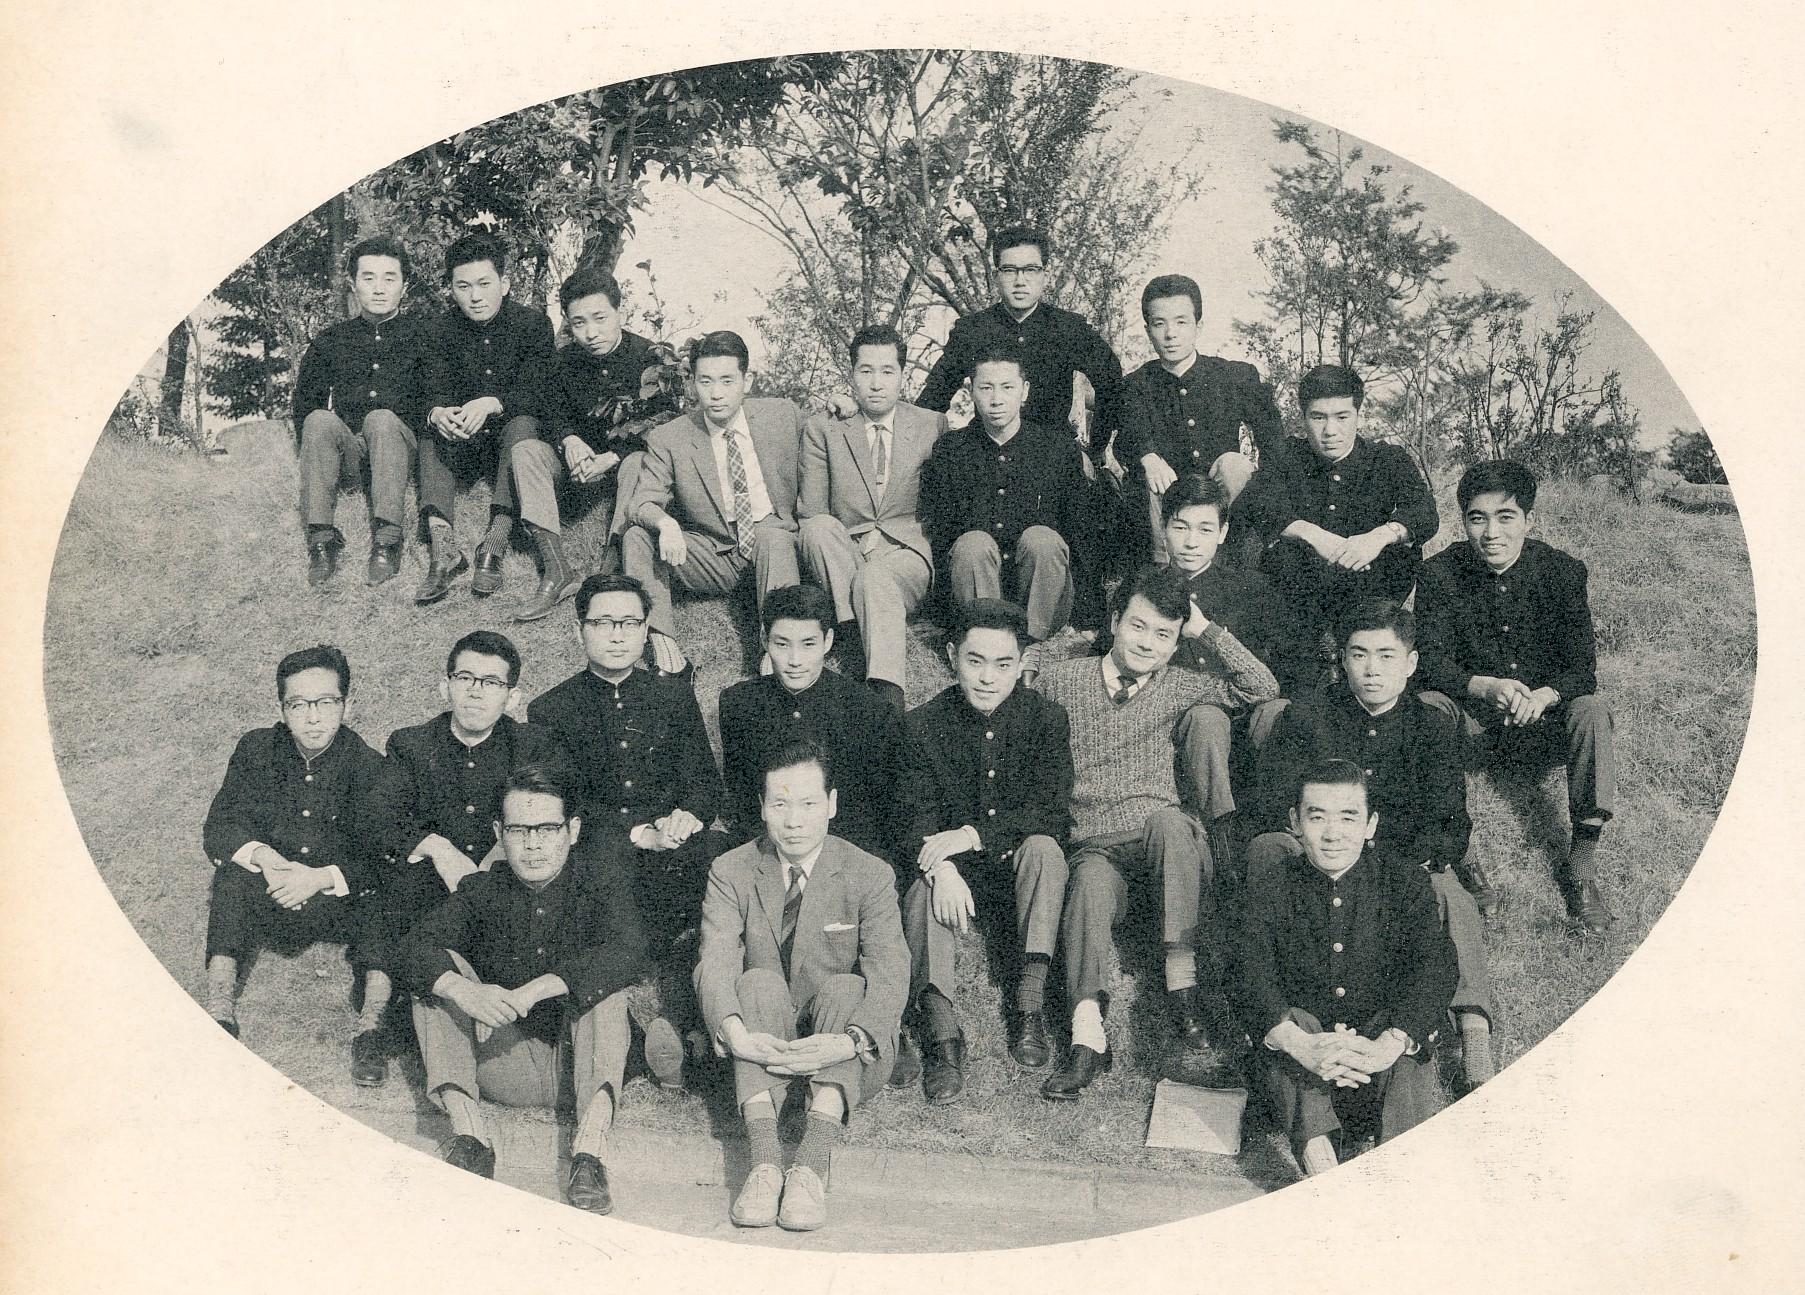 慶大経済学部飯田ゼミ同期生・最前列飯田教授の左隣 1963年1月